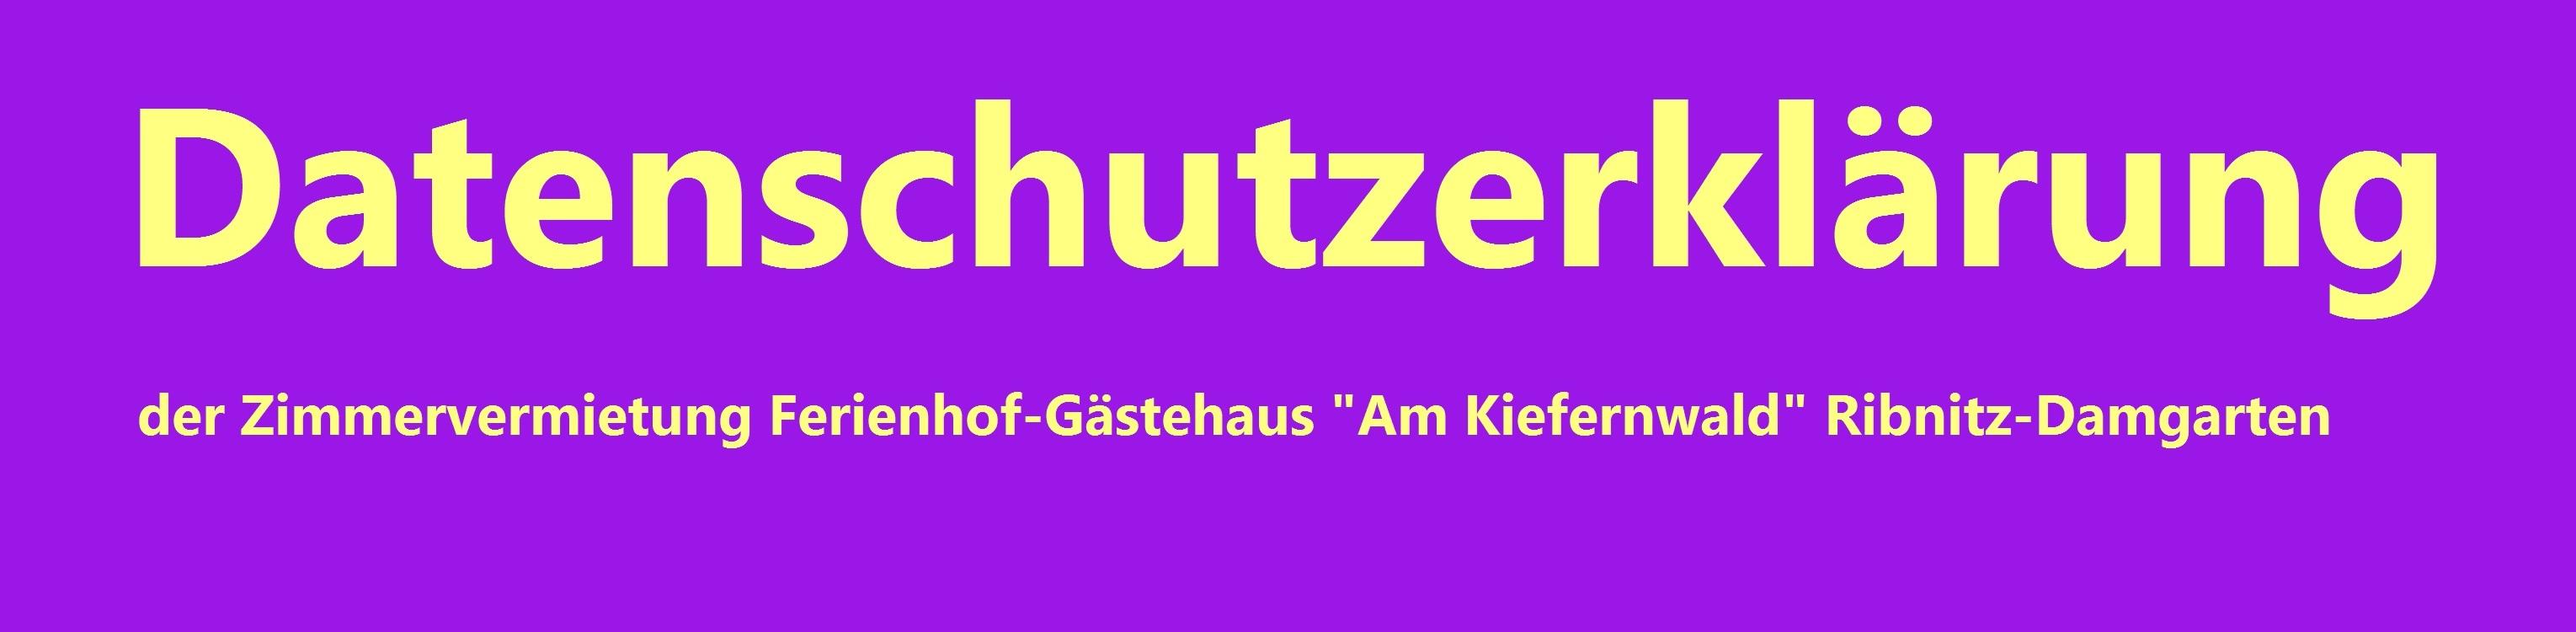 Datenschutzerklärung der Zimmervermietung Ferienhof-Gästehaus 'Am Kiefernwald' Ribnitz-Damgarten - Inhaber Eckart Kreitlow -  auf der Grundlage der EU-Datenschutz-Grundverordnung (DSGVO) und des Bundesdatenschutzgesetzes (BDSG)